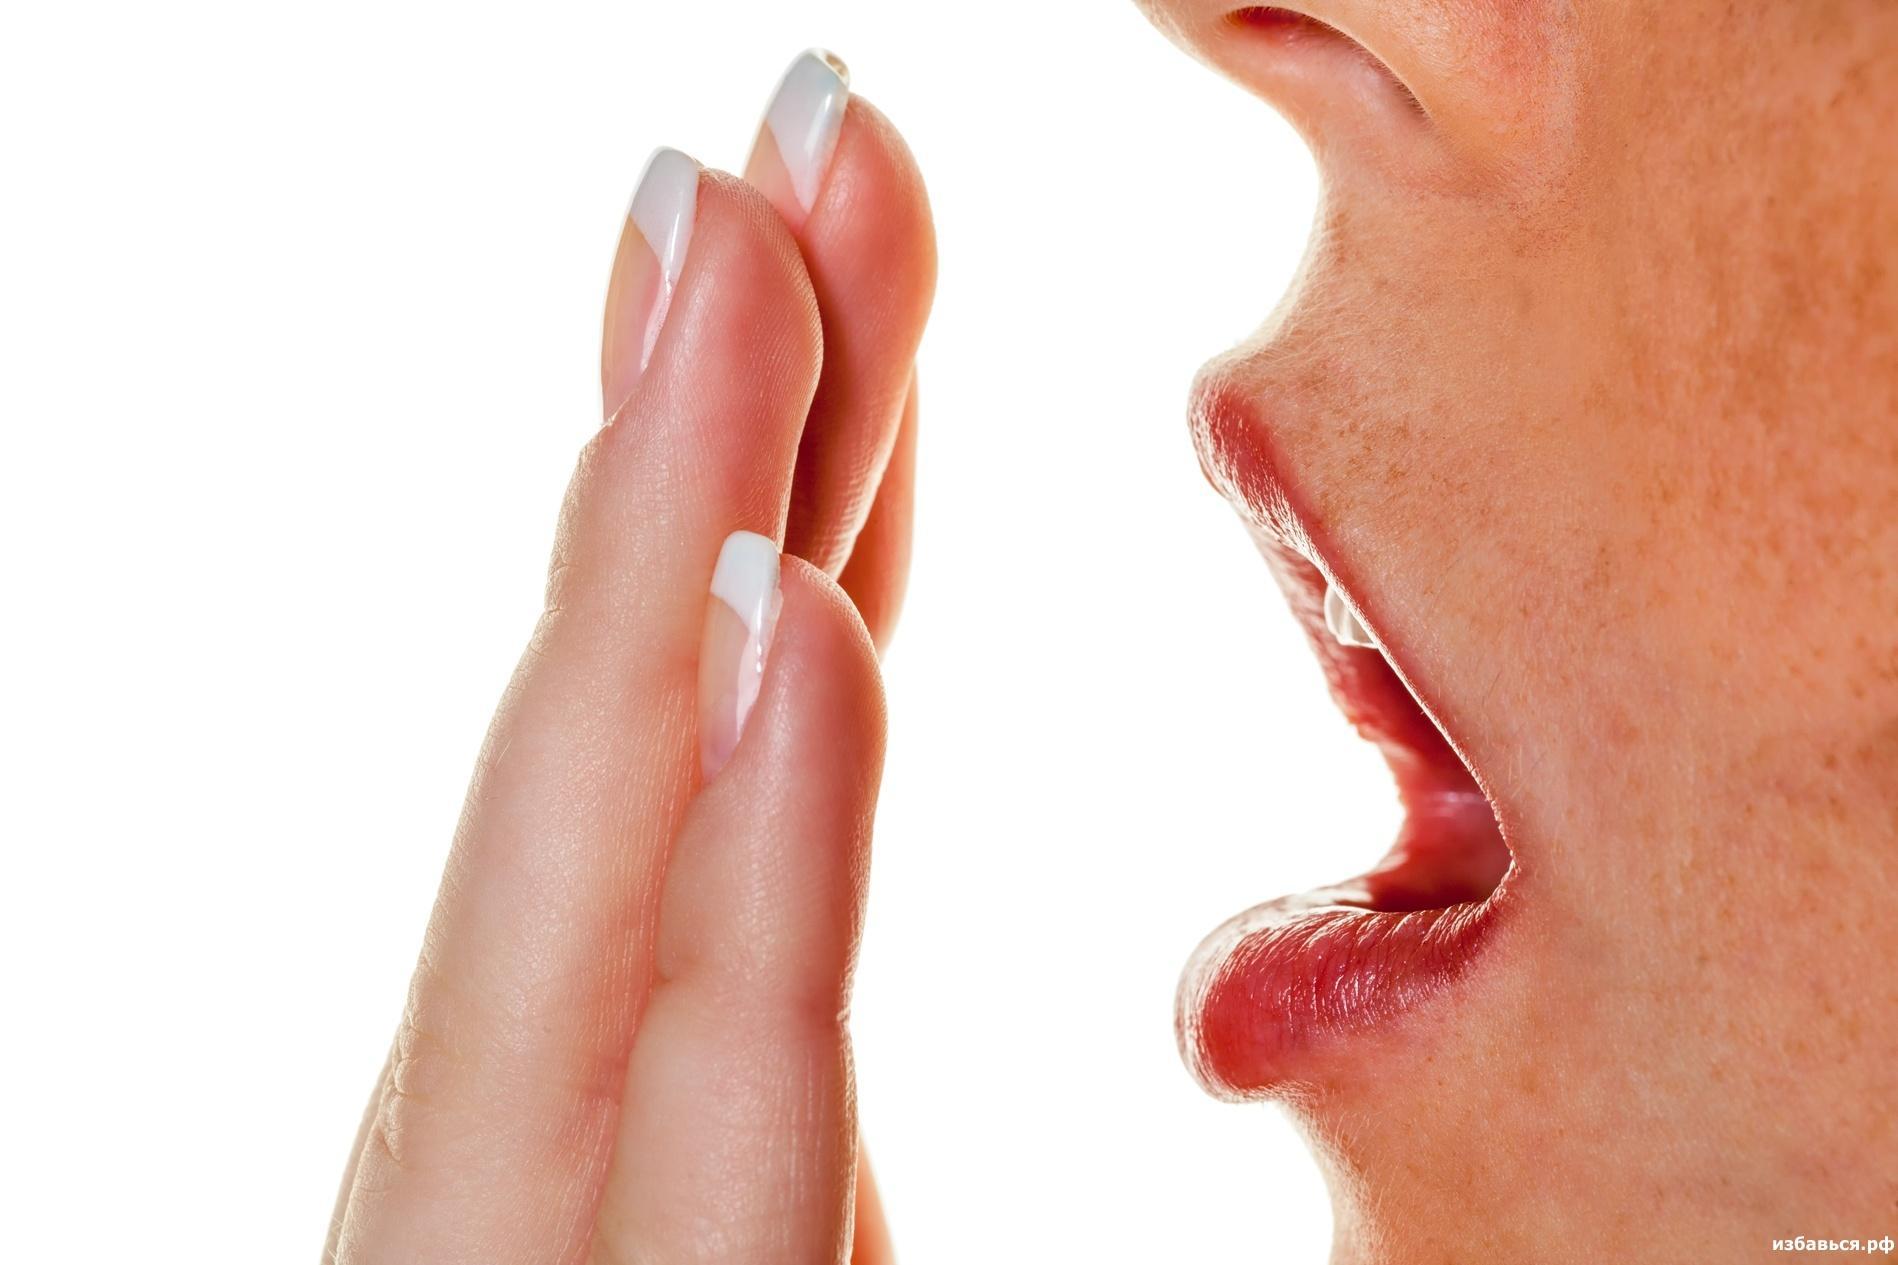 """Как быстро избавиться от запаха алкоголя: ускоряем процесс выветривания неприятного """"аромата"""""""